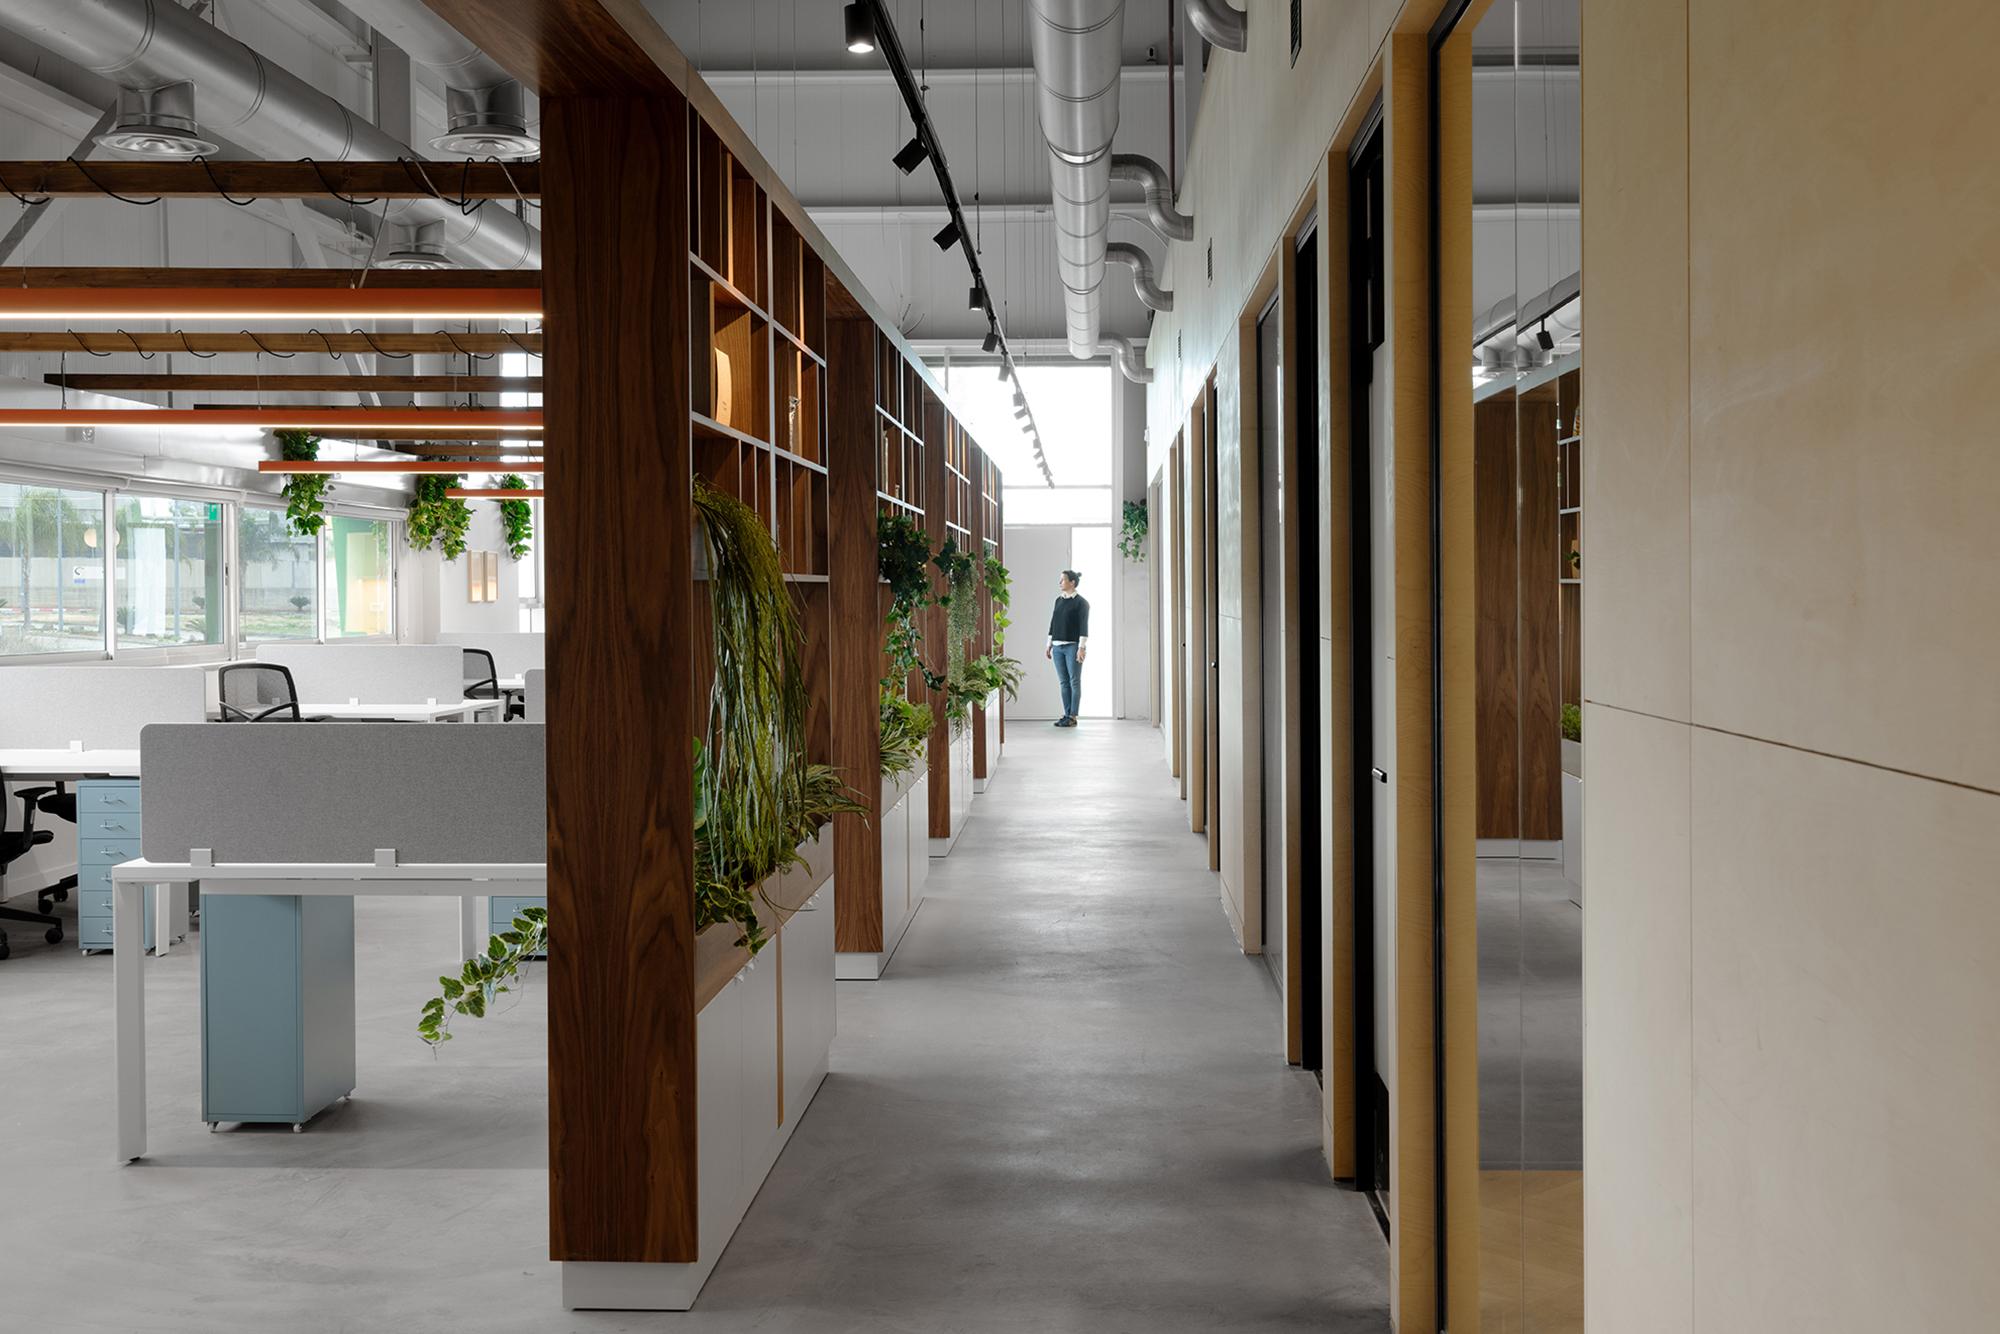 עיצוב משרדים, תכנון משרדים, עיצוב פנים למשרדים